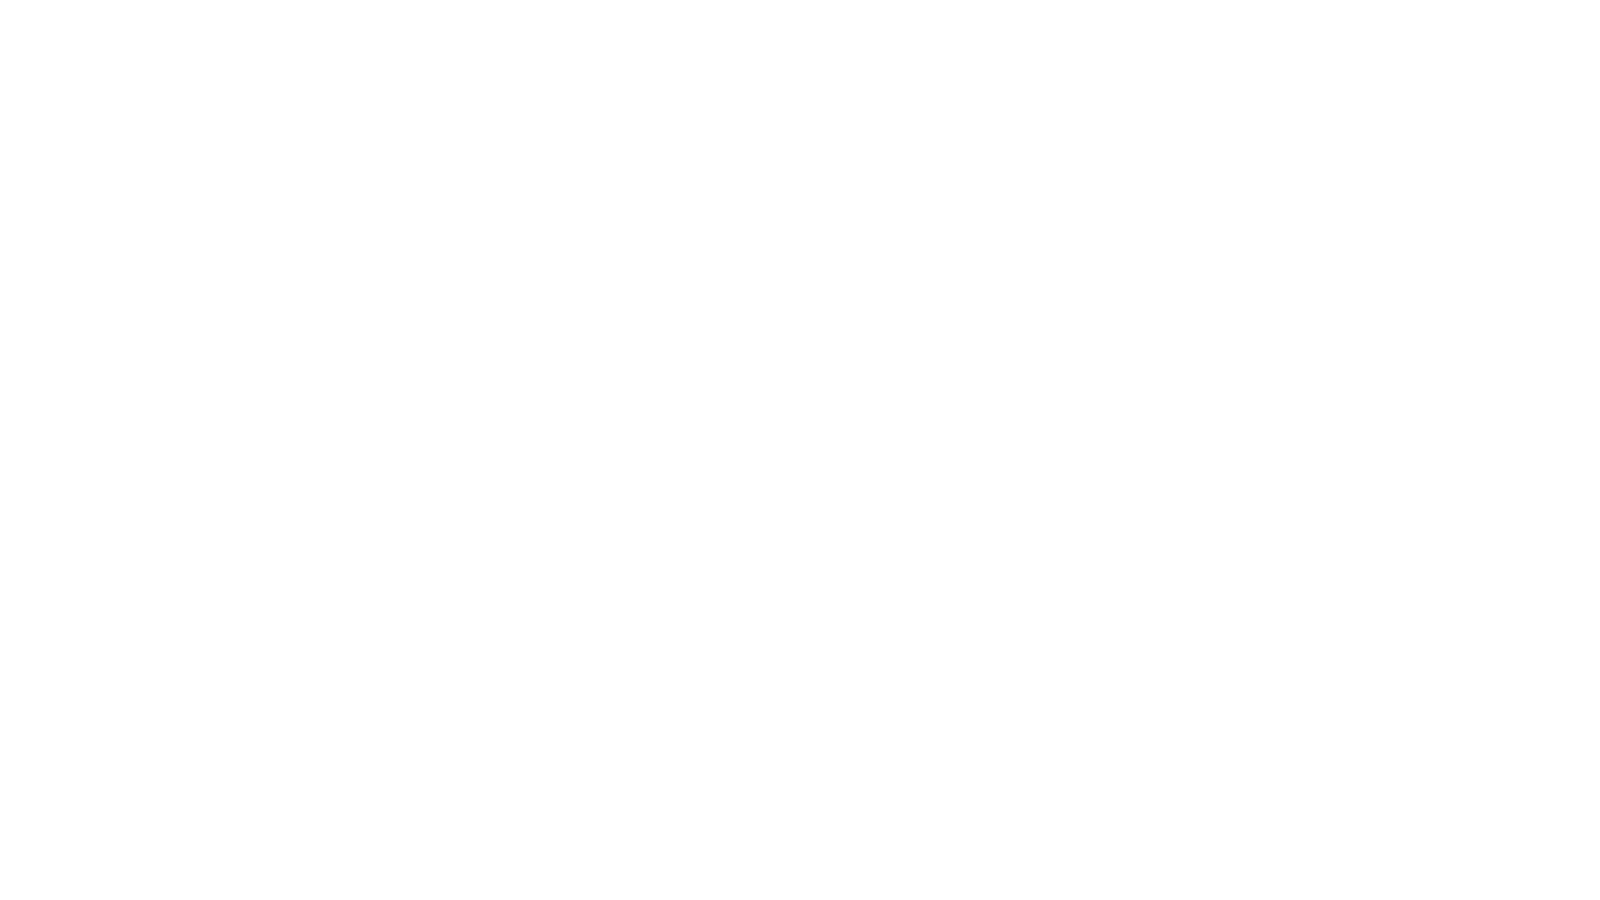 """www.kuenstlerhaus-eisenhammer.de  Franz Rentsch (Meisterschüler Sophia Schama) war im Mai/Juni 2021 Artist in Eisenhammer und hat die Möglichkeiten des Künstlerhauses erprobt. Franz Rentsch begab sich als gebürtiger Lübbener in eine vertraute Umgebung. """"Meine Überlegungen bewegen sich um eine Neuanordnung meiner malerischen Fähigkeiten auf Zeit. Wie kann das Bekannte zur neuen Entdeckung werden? Ziel ist es, auf alle Hilfsmittel zum Malen zu verzichten. Außerdem werde ich keinen eigenen Formenkanon anwenden, sondern auf Zeichnungen, Silhouetten und Prozesse der Natur wie Sonnenflecken, Schatten, Wasser, Äste, Federn und Haare zurückgreifen."""""""